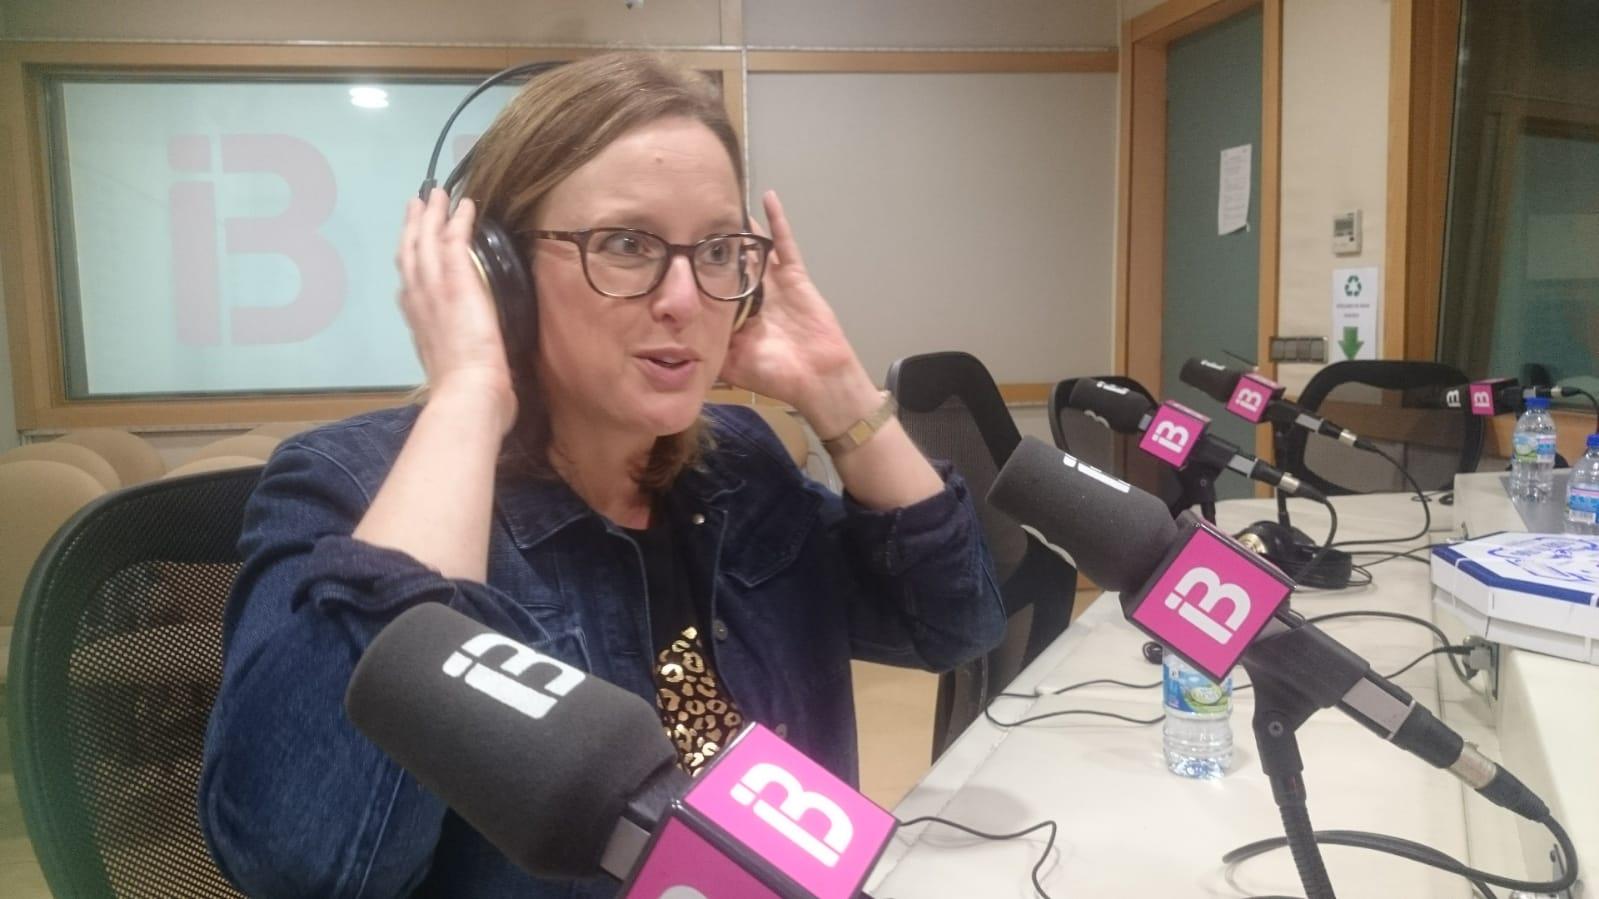 La estratega de personas, en IB3 Ràdio